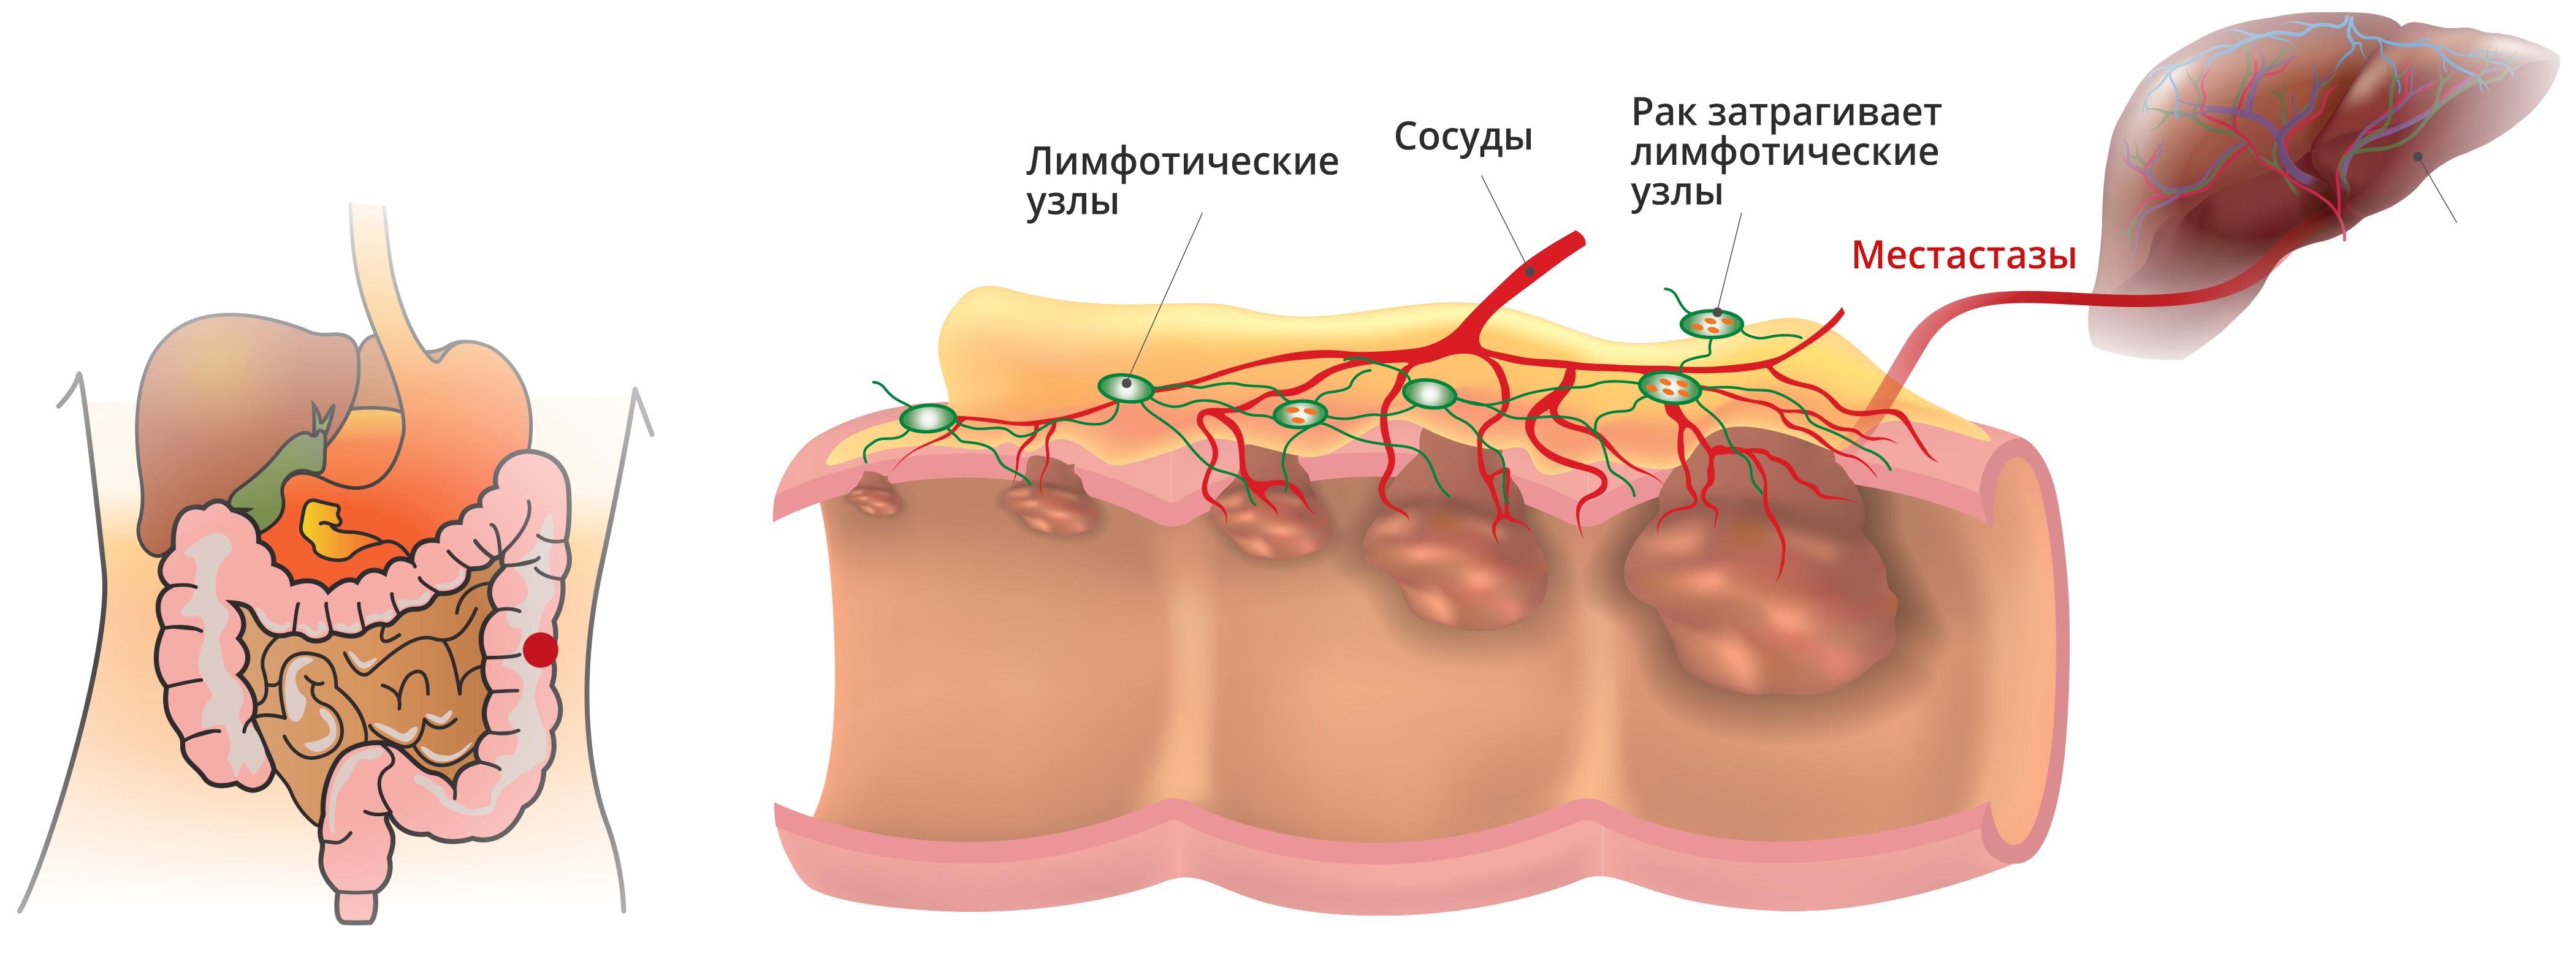 рак-кишечника